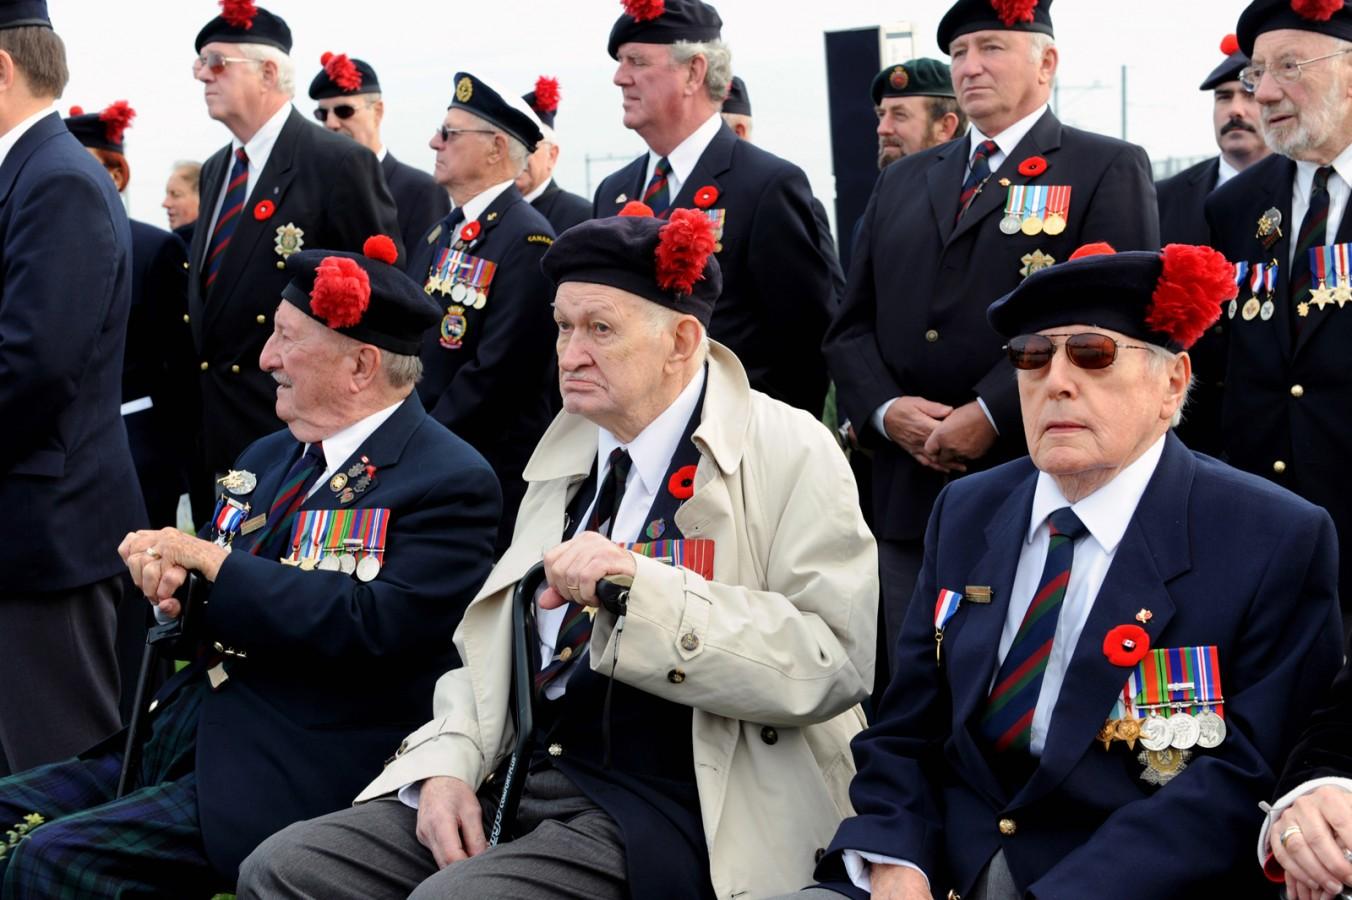 Herdenking 65 jaar bevrijding Walcheren (Sloedam)